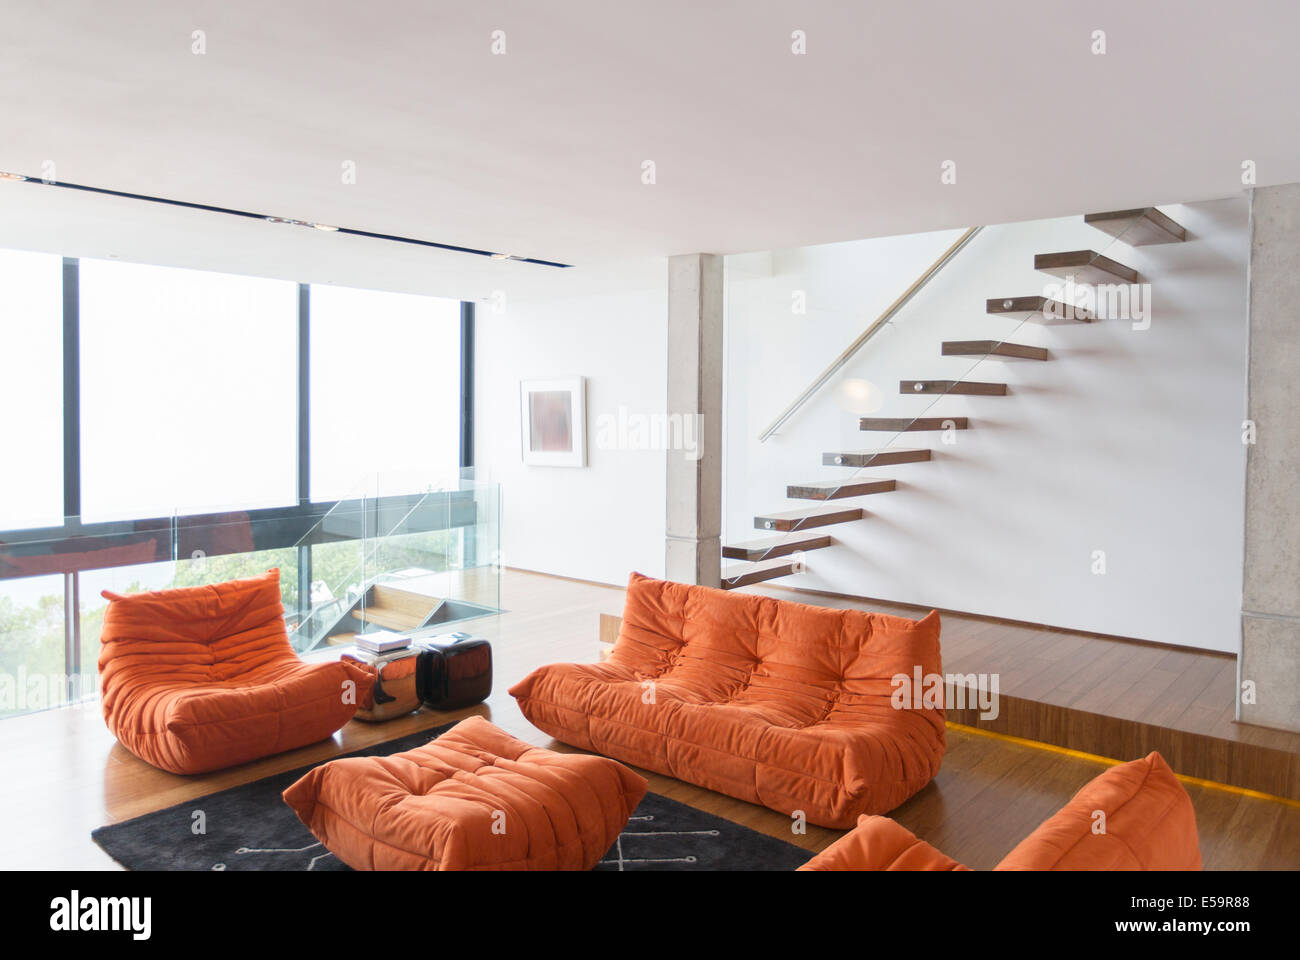 Sofas und Treppe in modernes Wohnzimmer Stockfoto, Bild ...